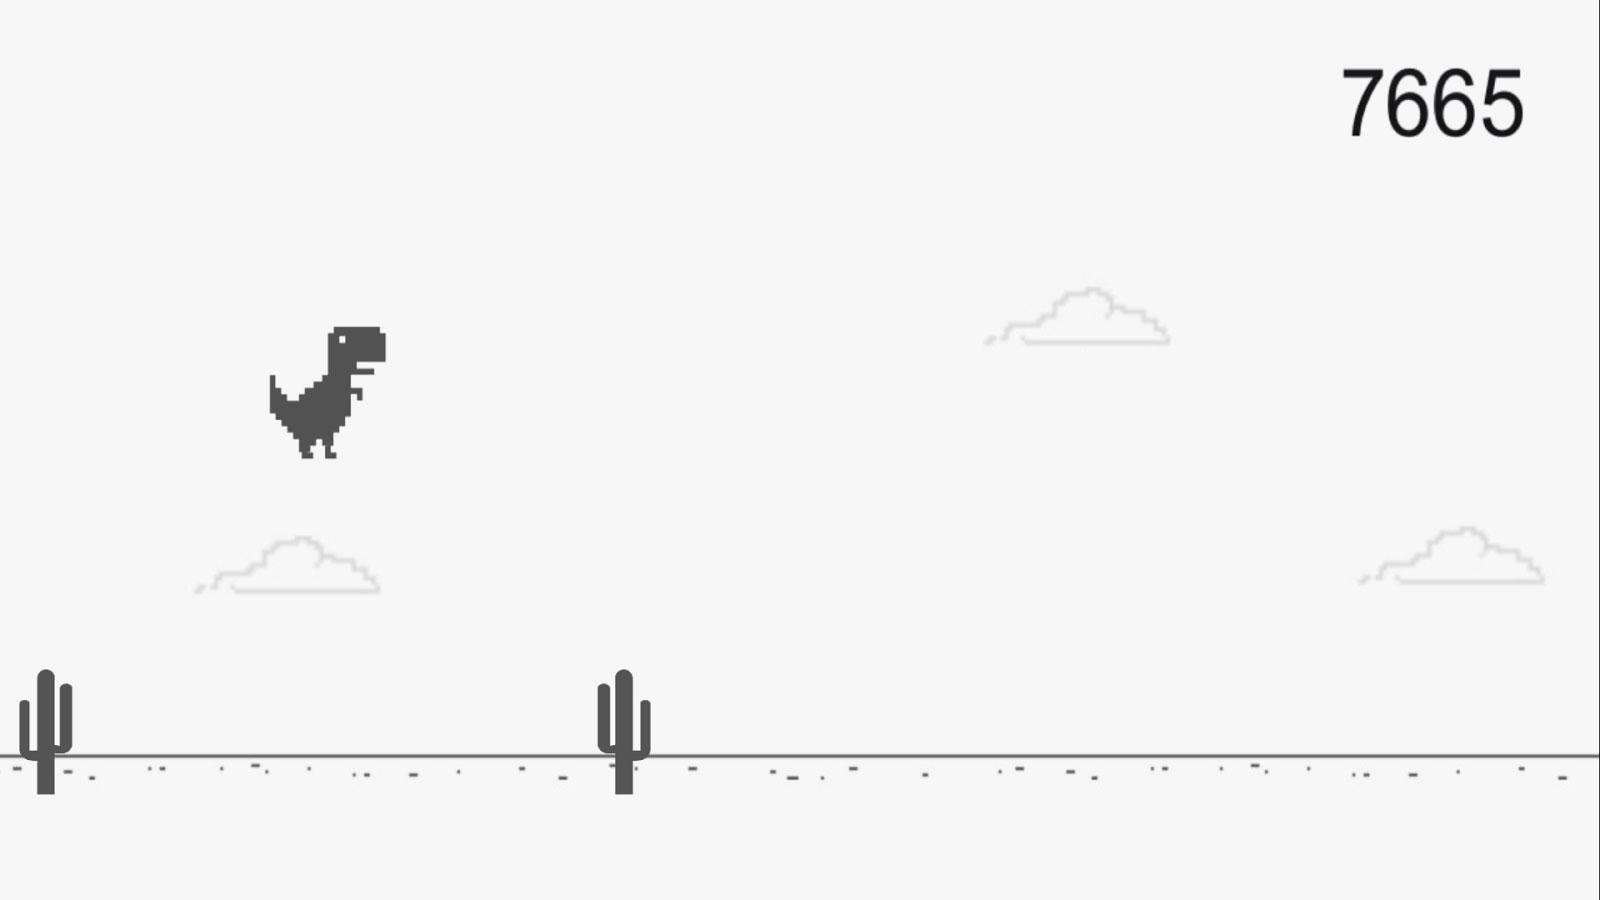 El juego del dinosaurio de Chrome se hace viral